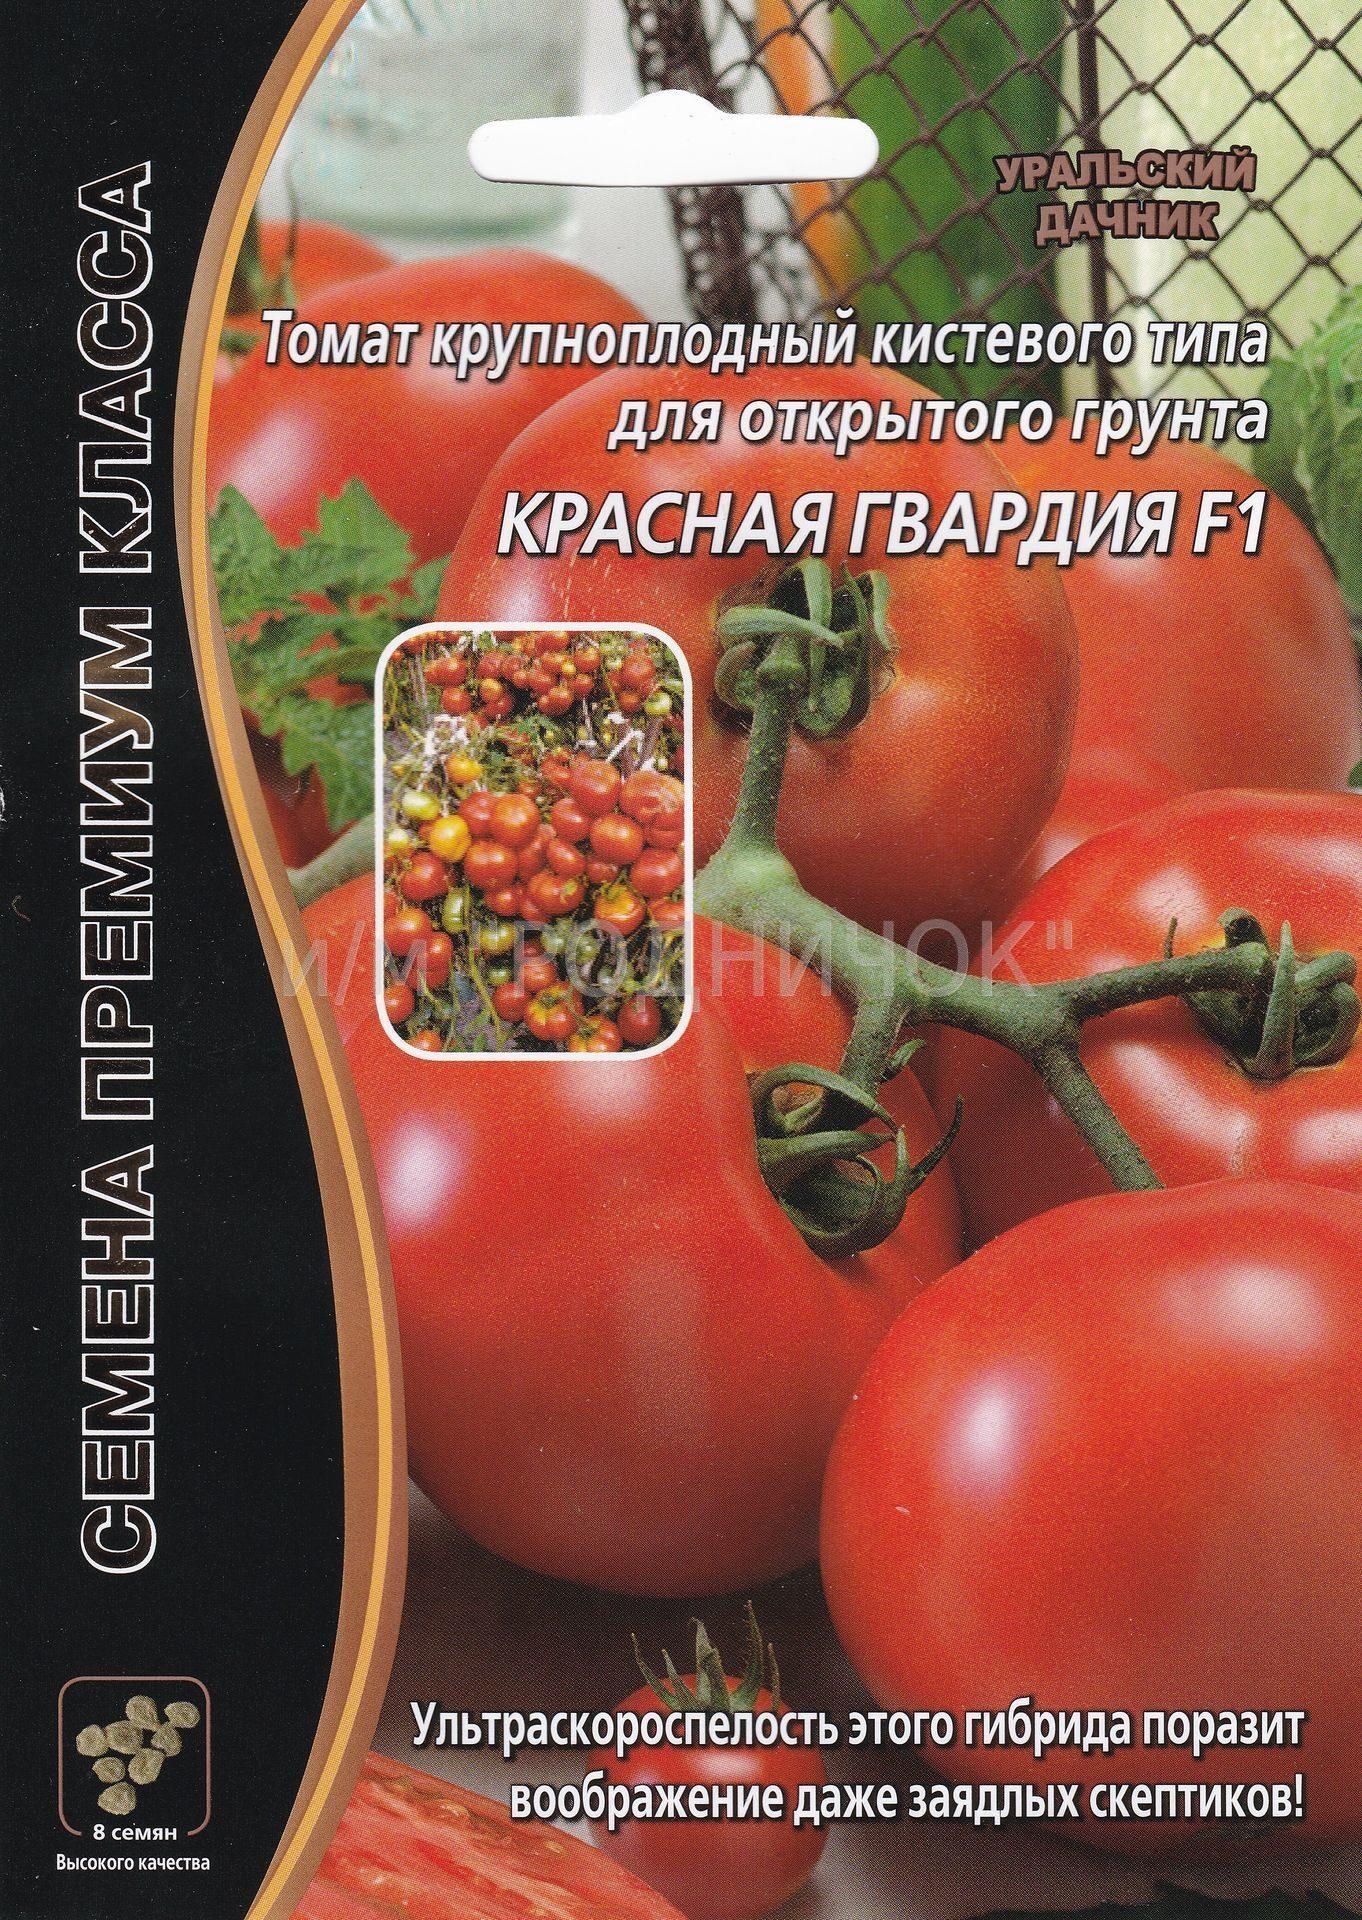 Томат красная гвардия: отзывы, фото, урожайность, описание и характеристика | tomatland.ru